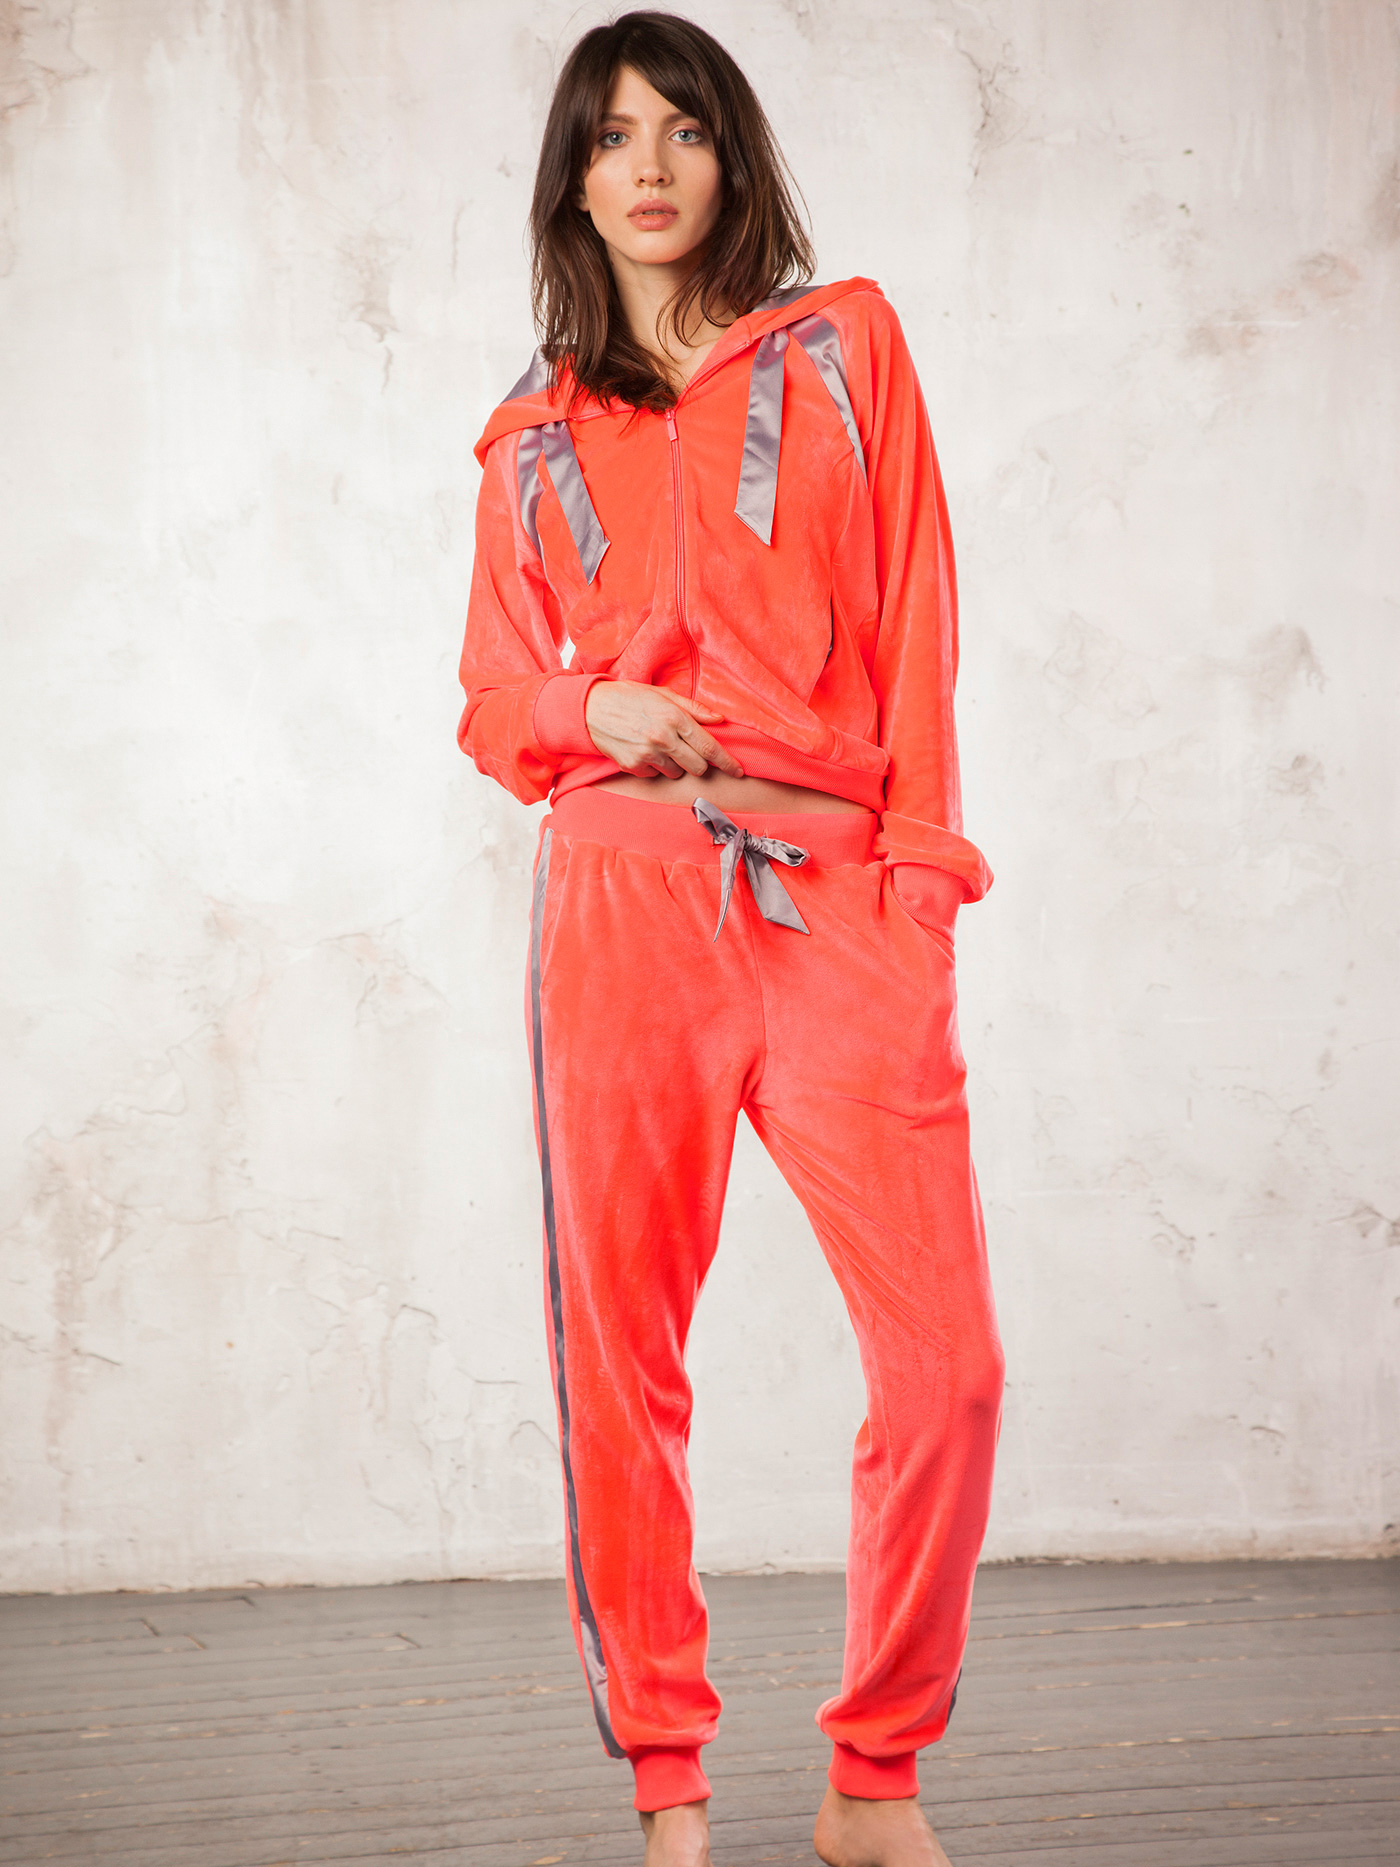 Брюки mysticite velvetБюстье<br>брюки<br><br>Цвет: Красный<br>Декор: Тесьма декоративная<br>Стилистика: Без стилистики<br>Направление: Бюстье<br>Пол: Женский<br>Материал: 92%ПЭ;8%ЭЛ<br>Размер: 3